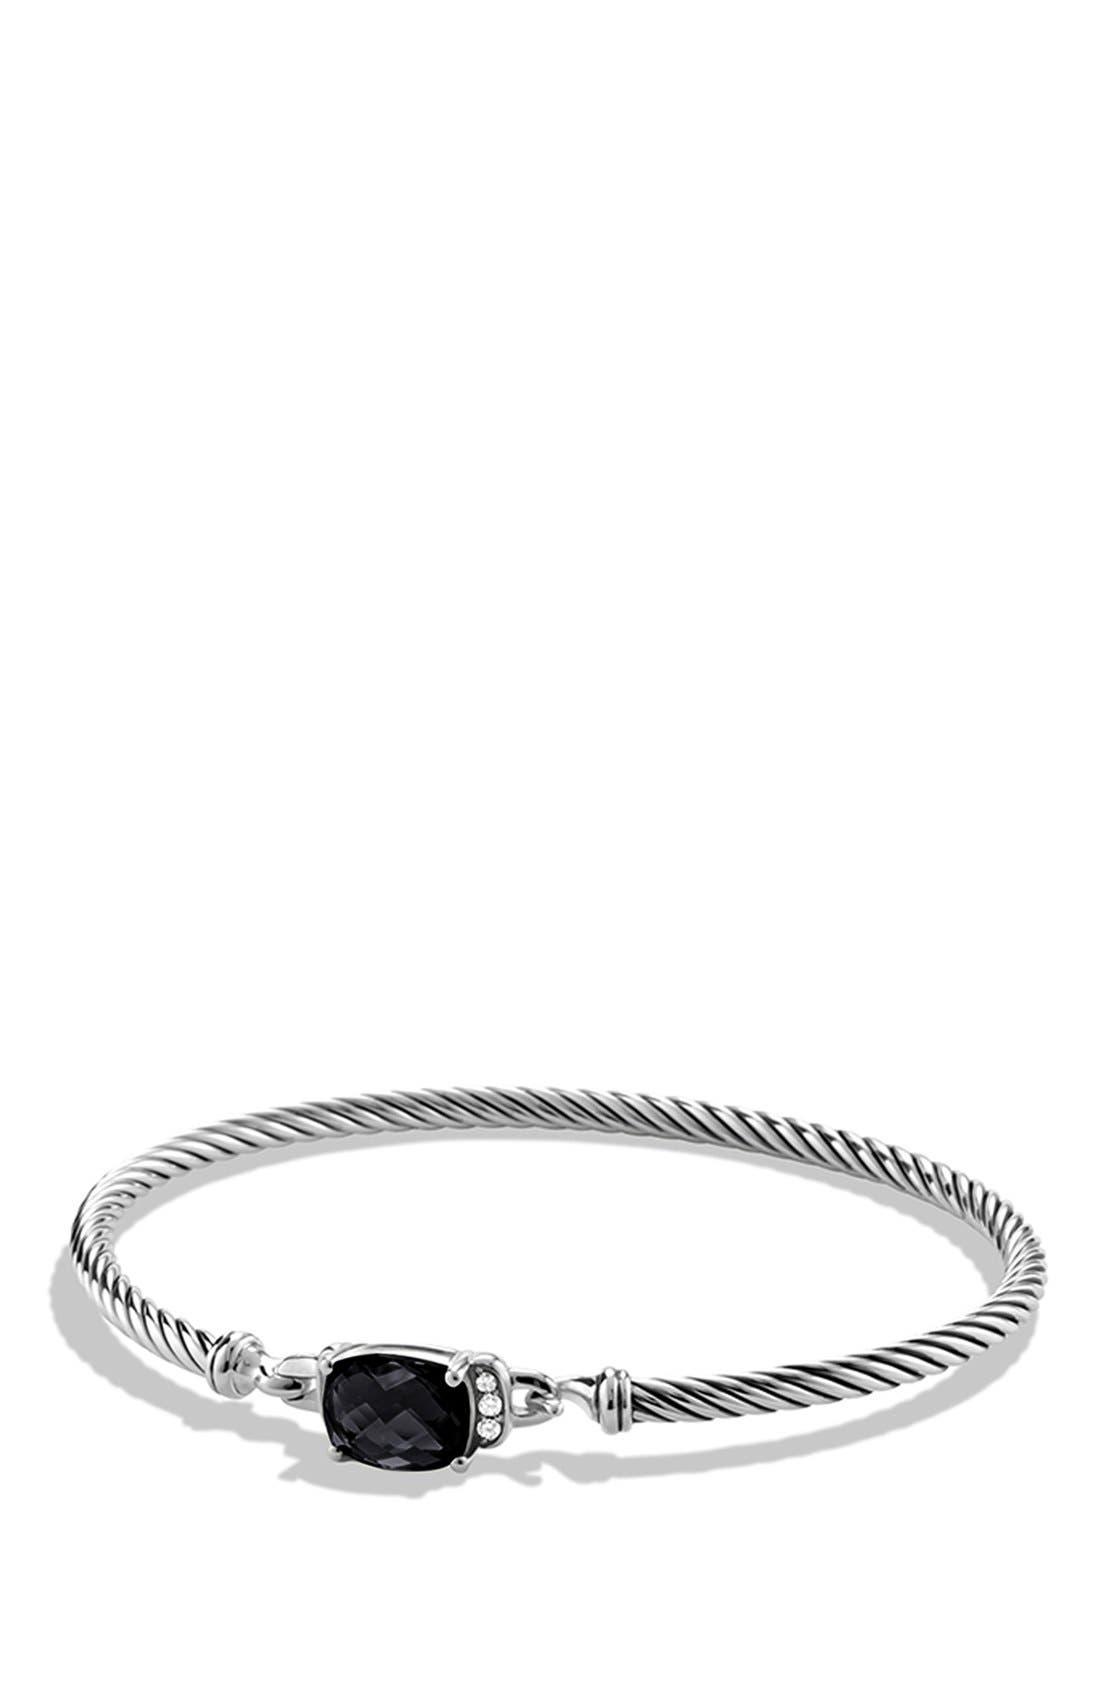 Main Image - David Yurman 'Petite Wheaton' Bracelet with Semiprecious Stone & Diamonds